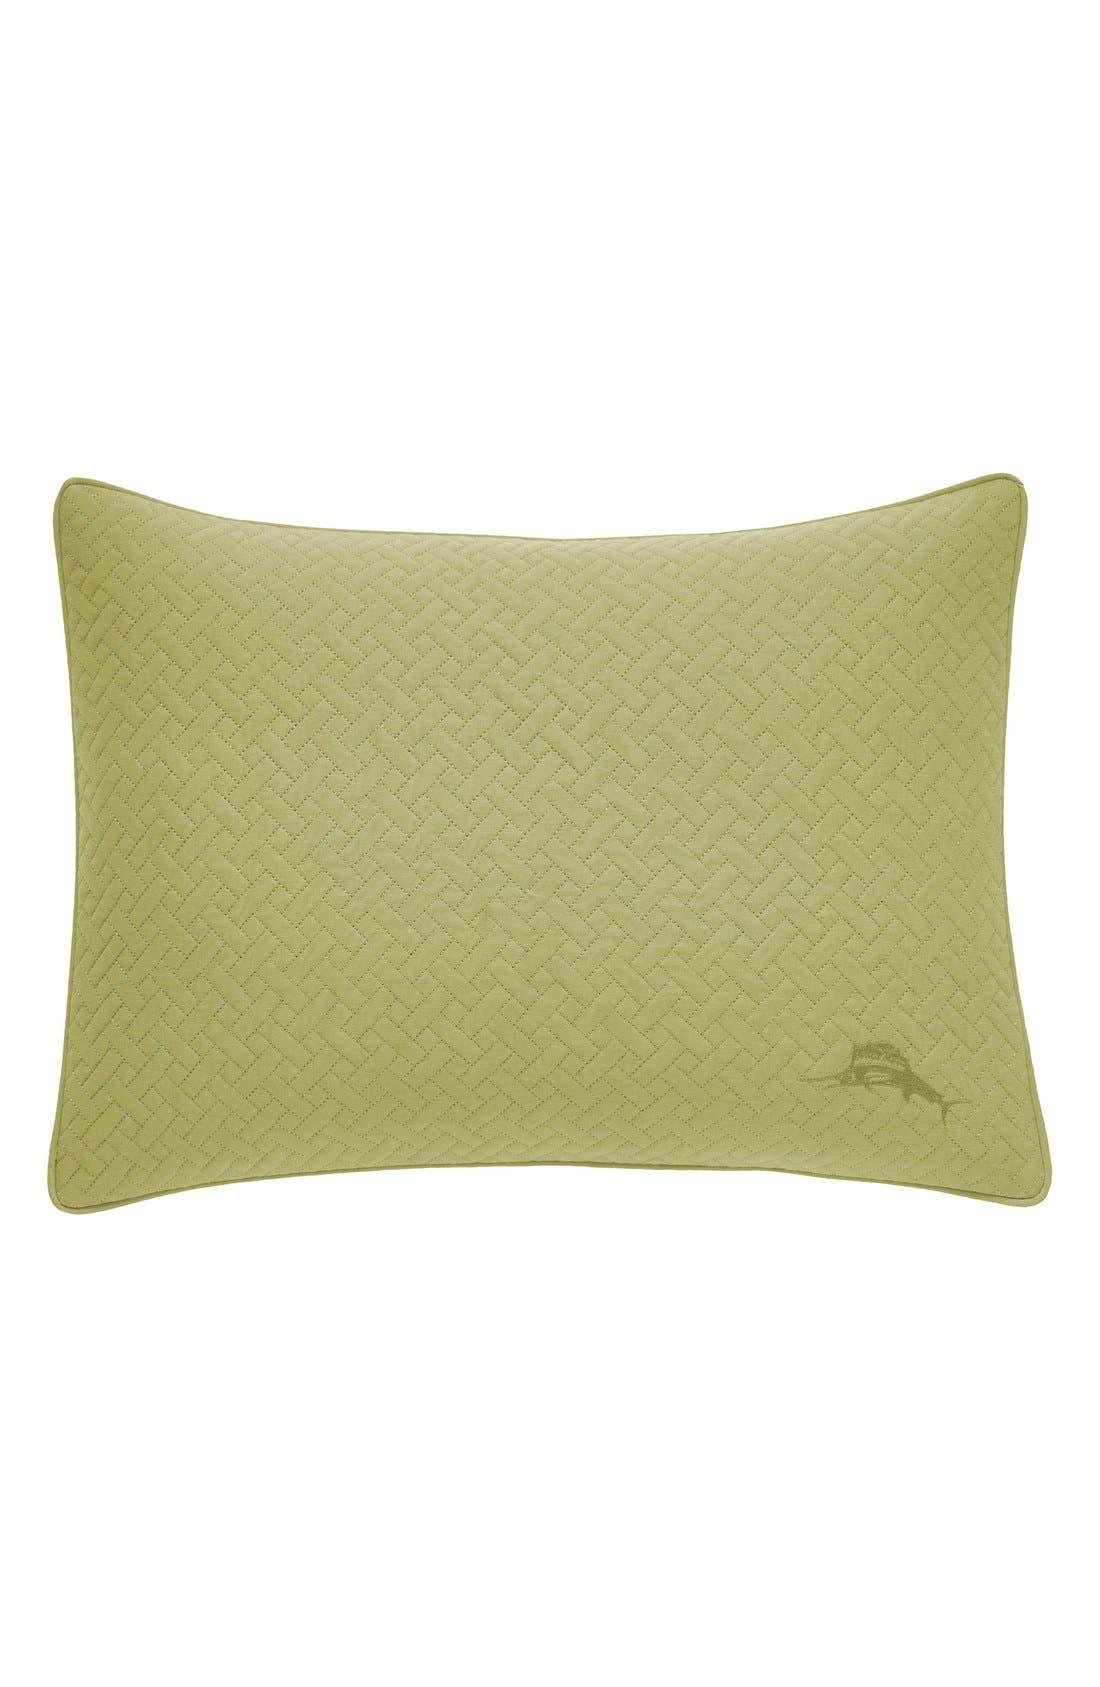 Alternate Image 1 Selected - Tommy Bahama 'Kiwi' Pillow